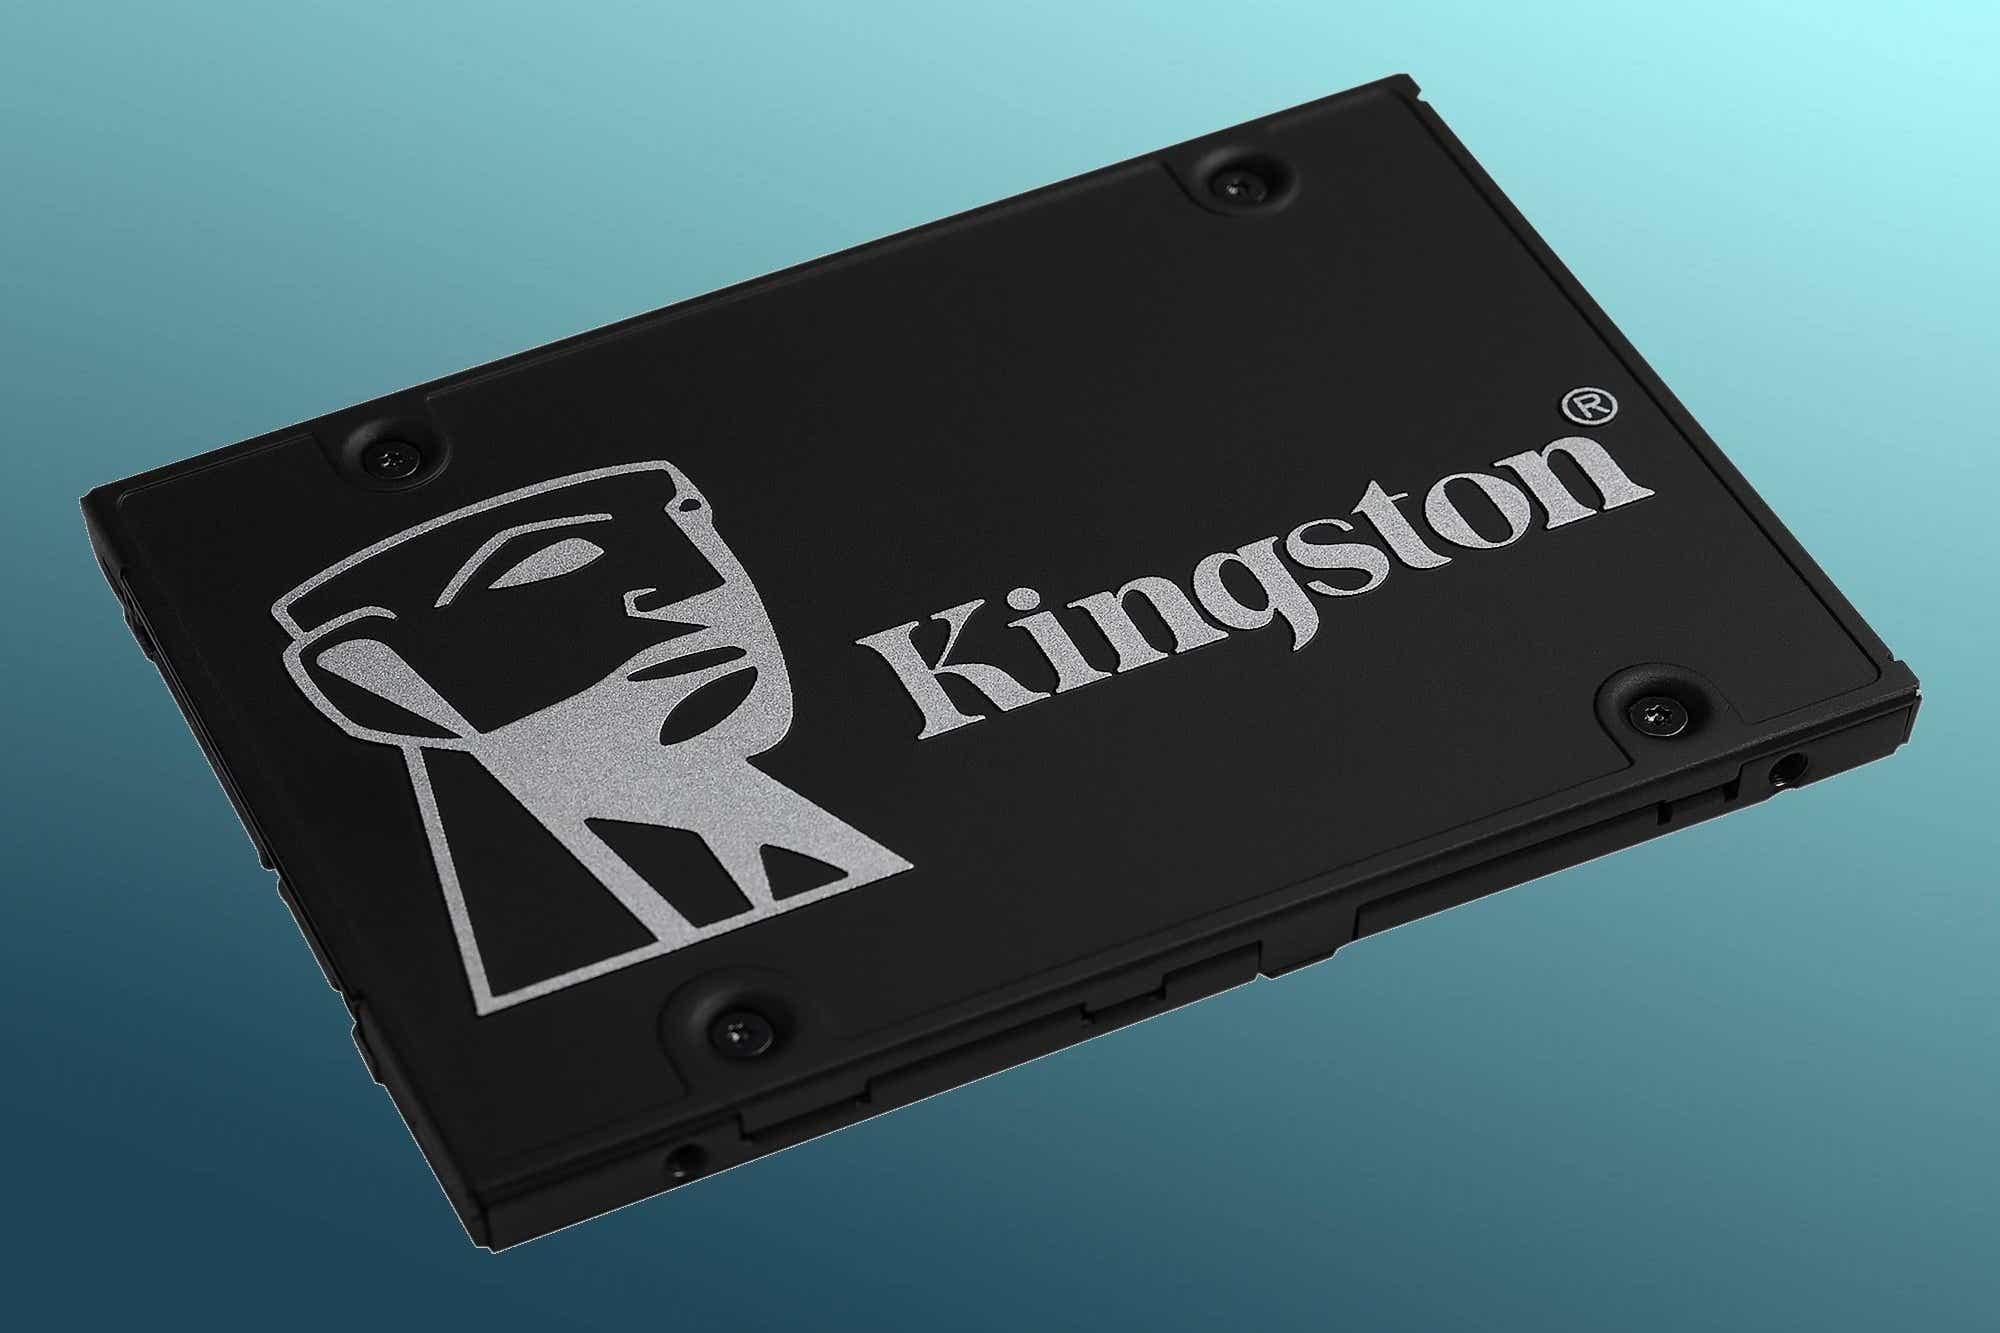 Kingston KC600 2.5-inch SATA SSD